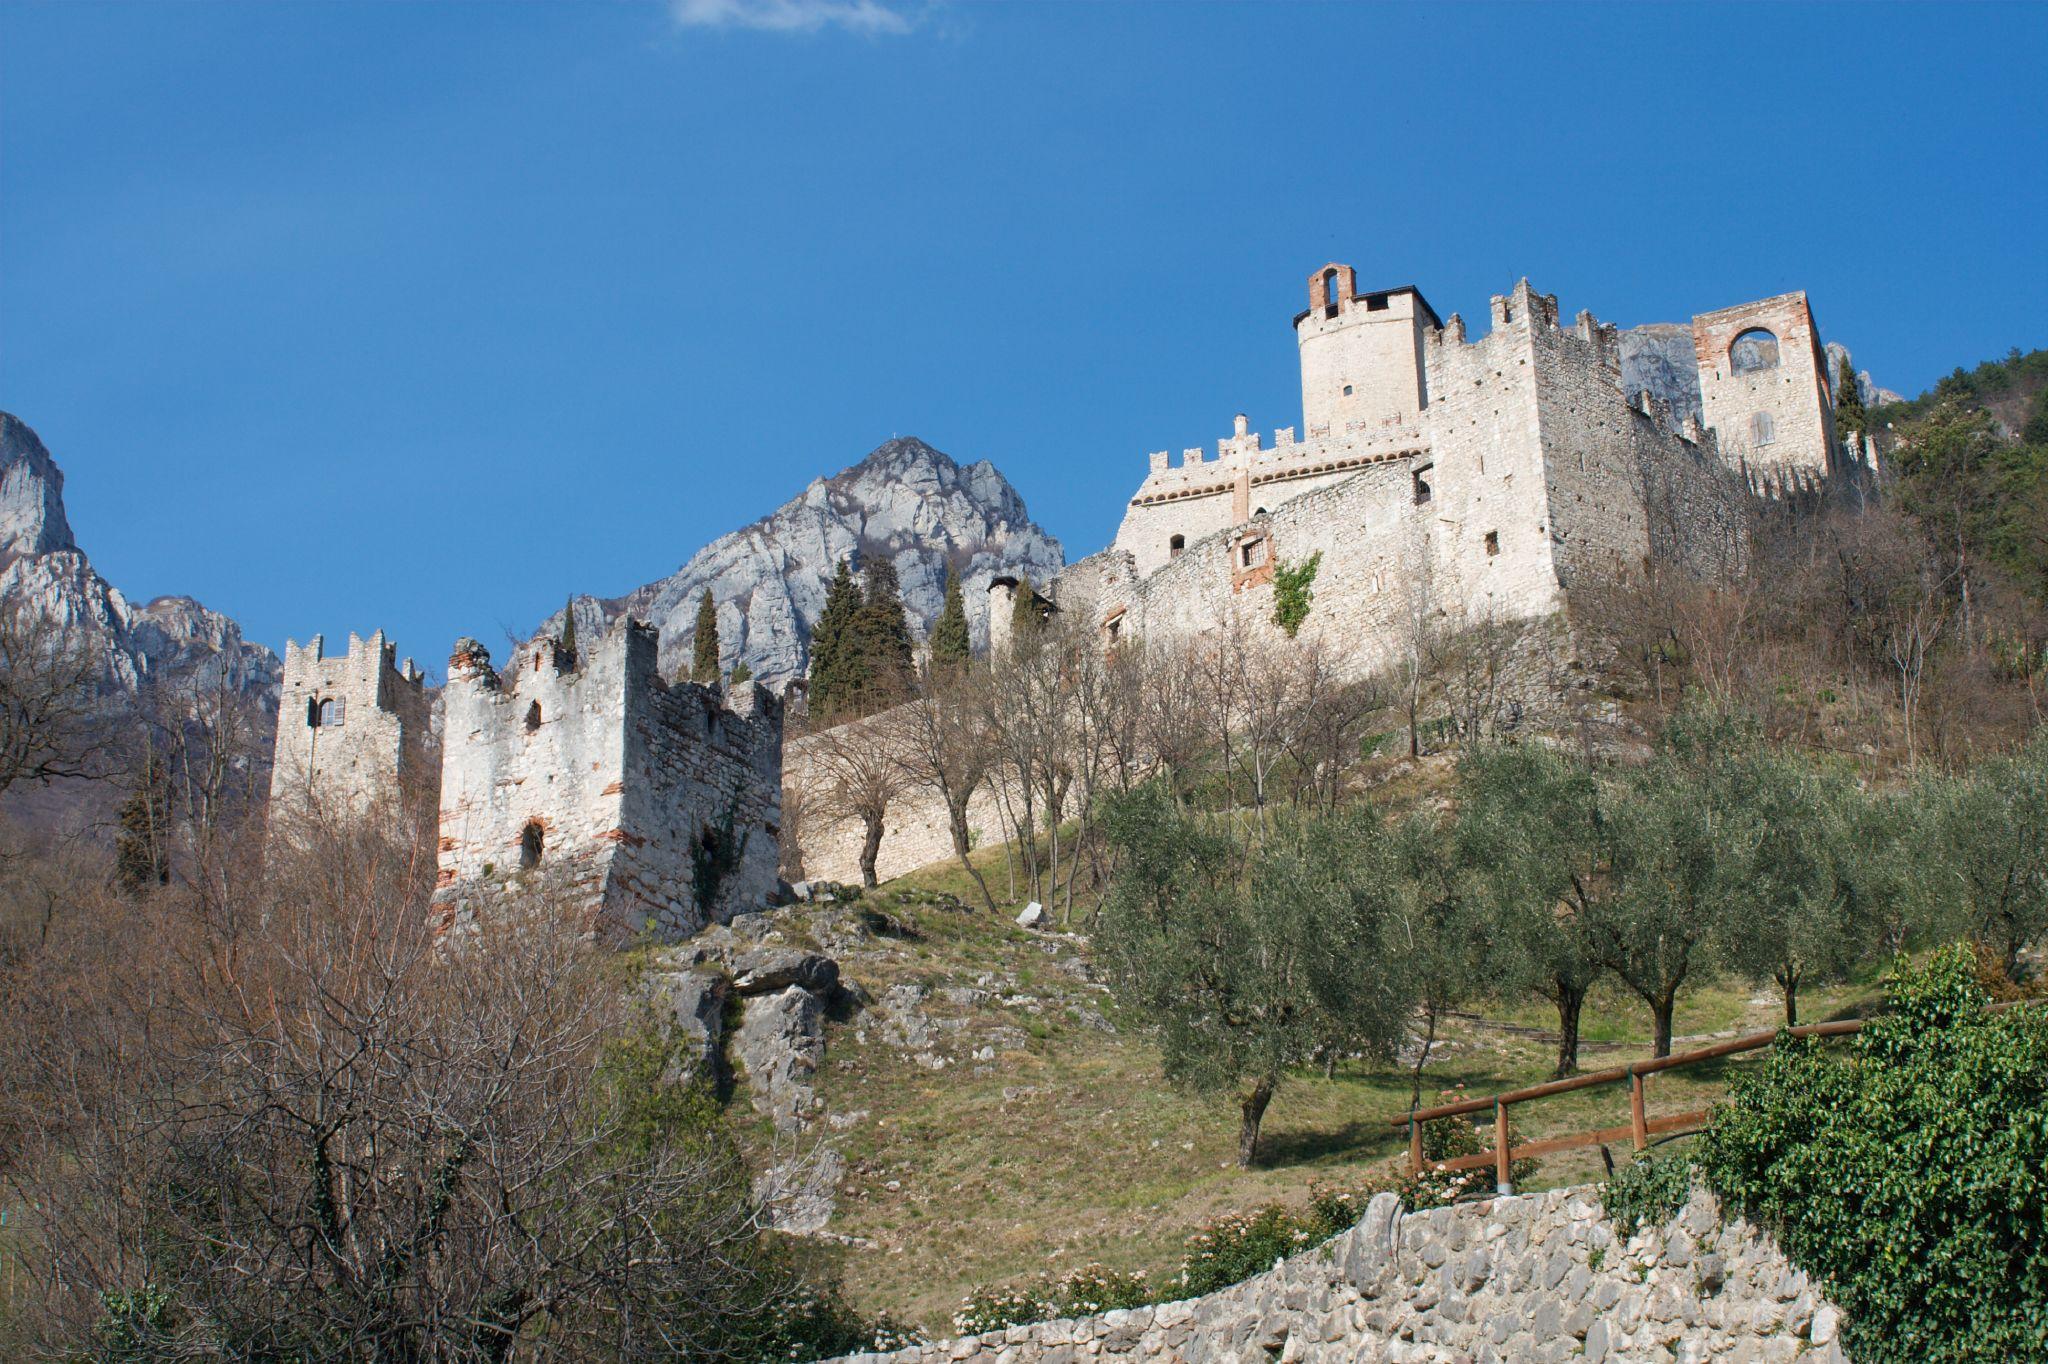 Musica, cibo, misteri e tanto vino: il Castello di Avio è tutto questo